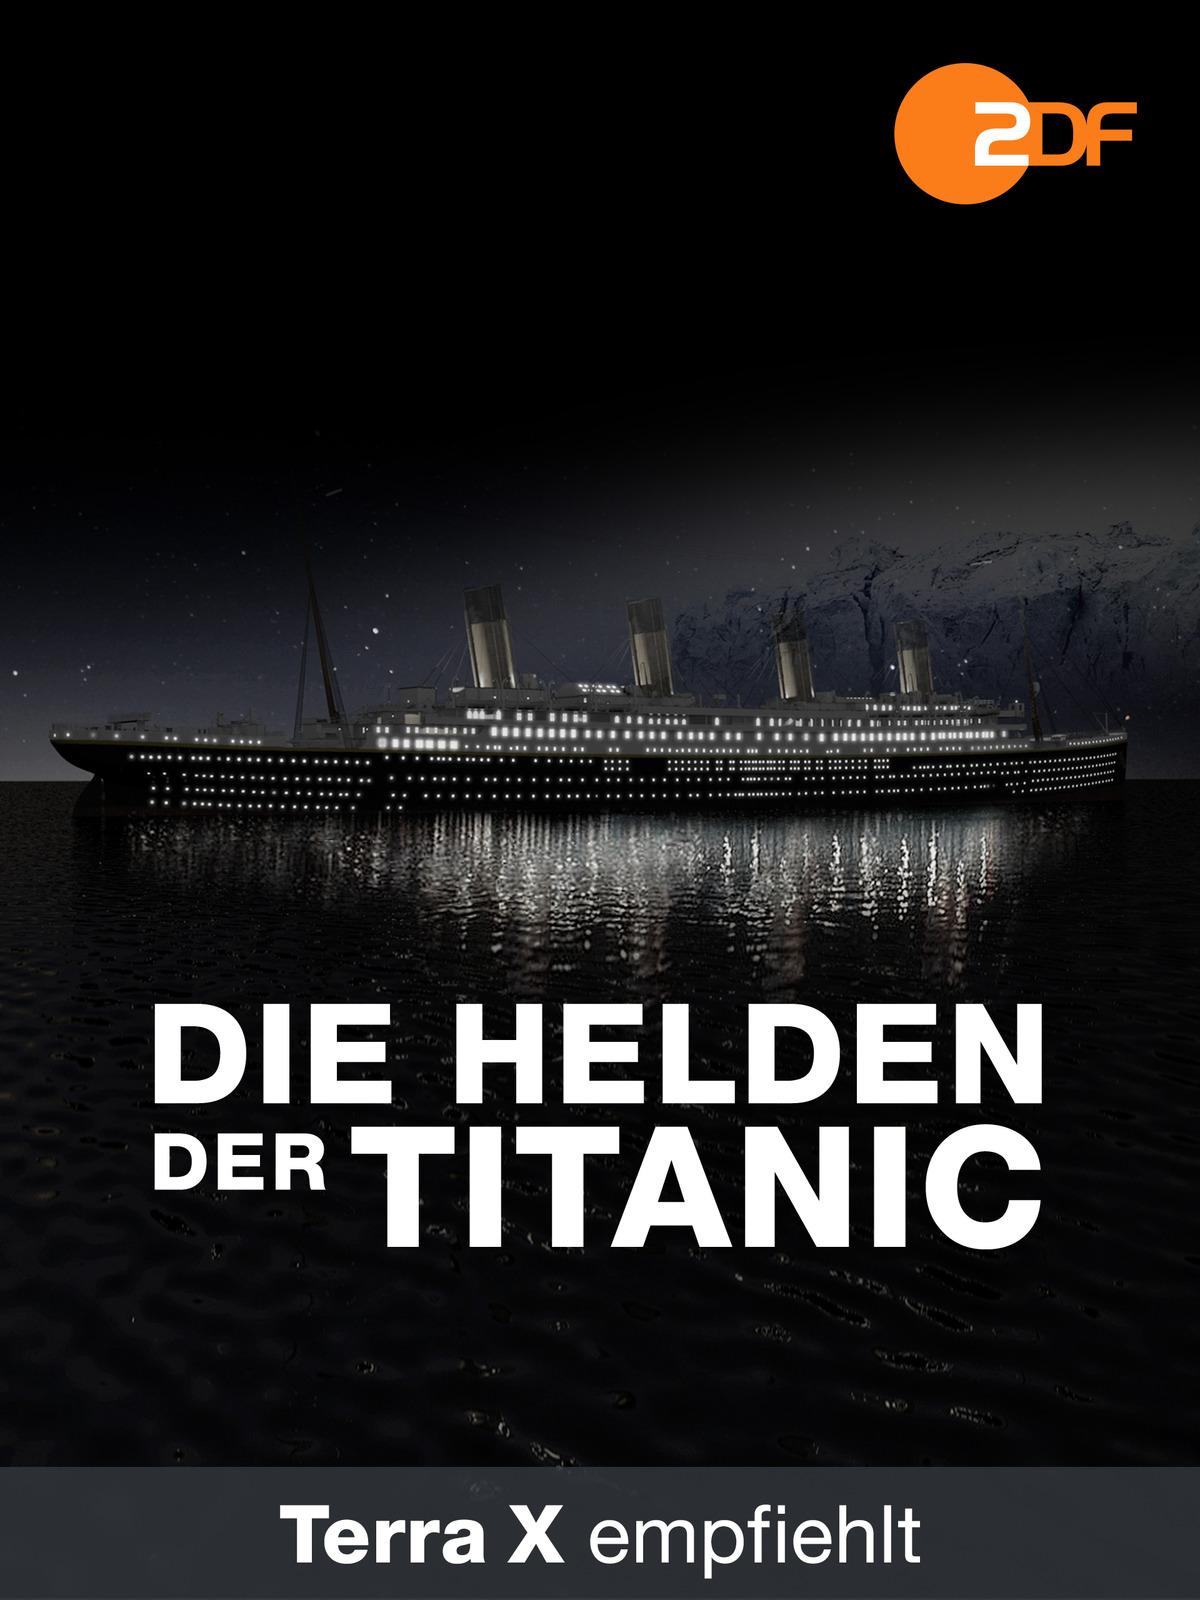 Die Helden der Titanic